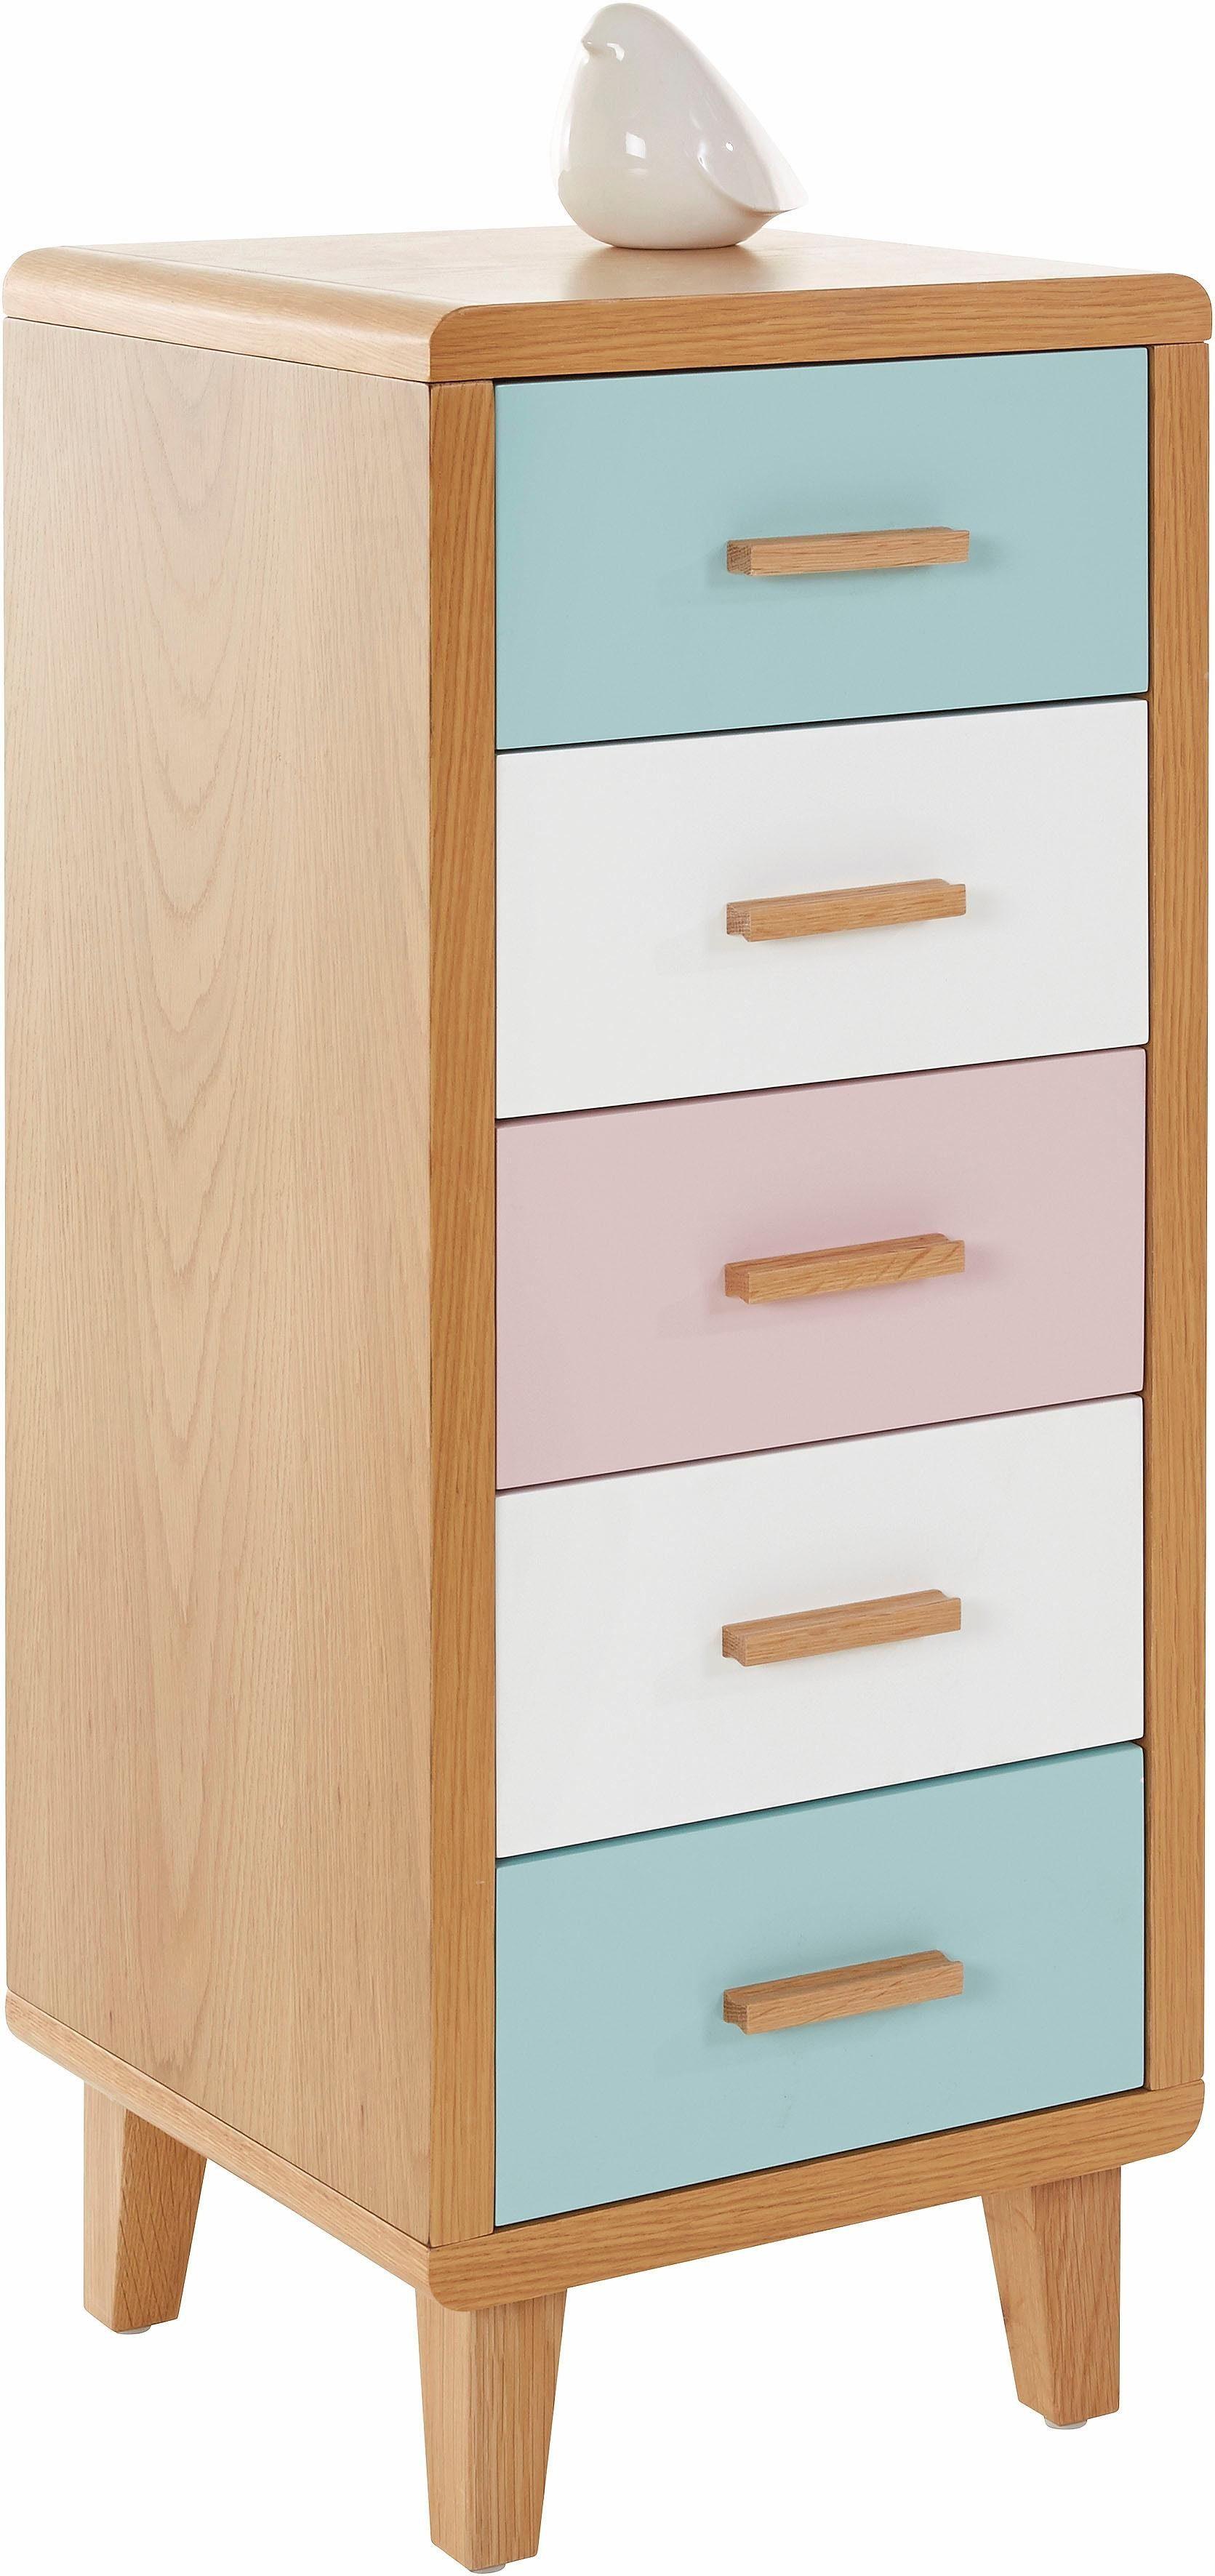 Home affaire Kommode mit pastellfarbenen Fronten, Höhe 96 cm